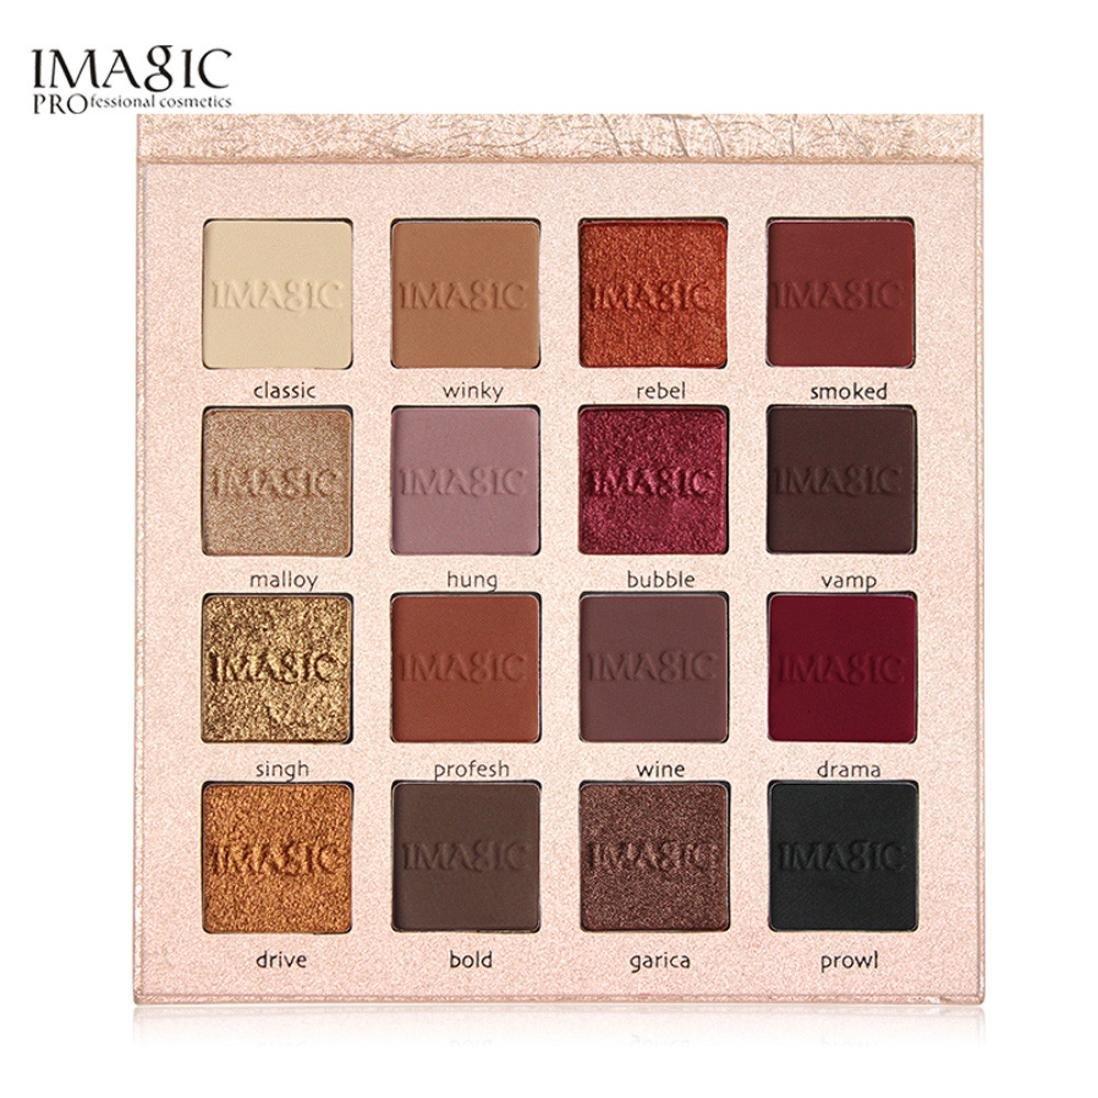 Gaddrt Reflet brillant fard à paupières ombre Matte maquillage cosmétique, 16 couleurs product image